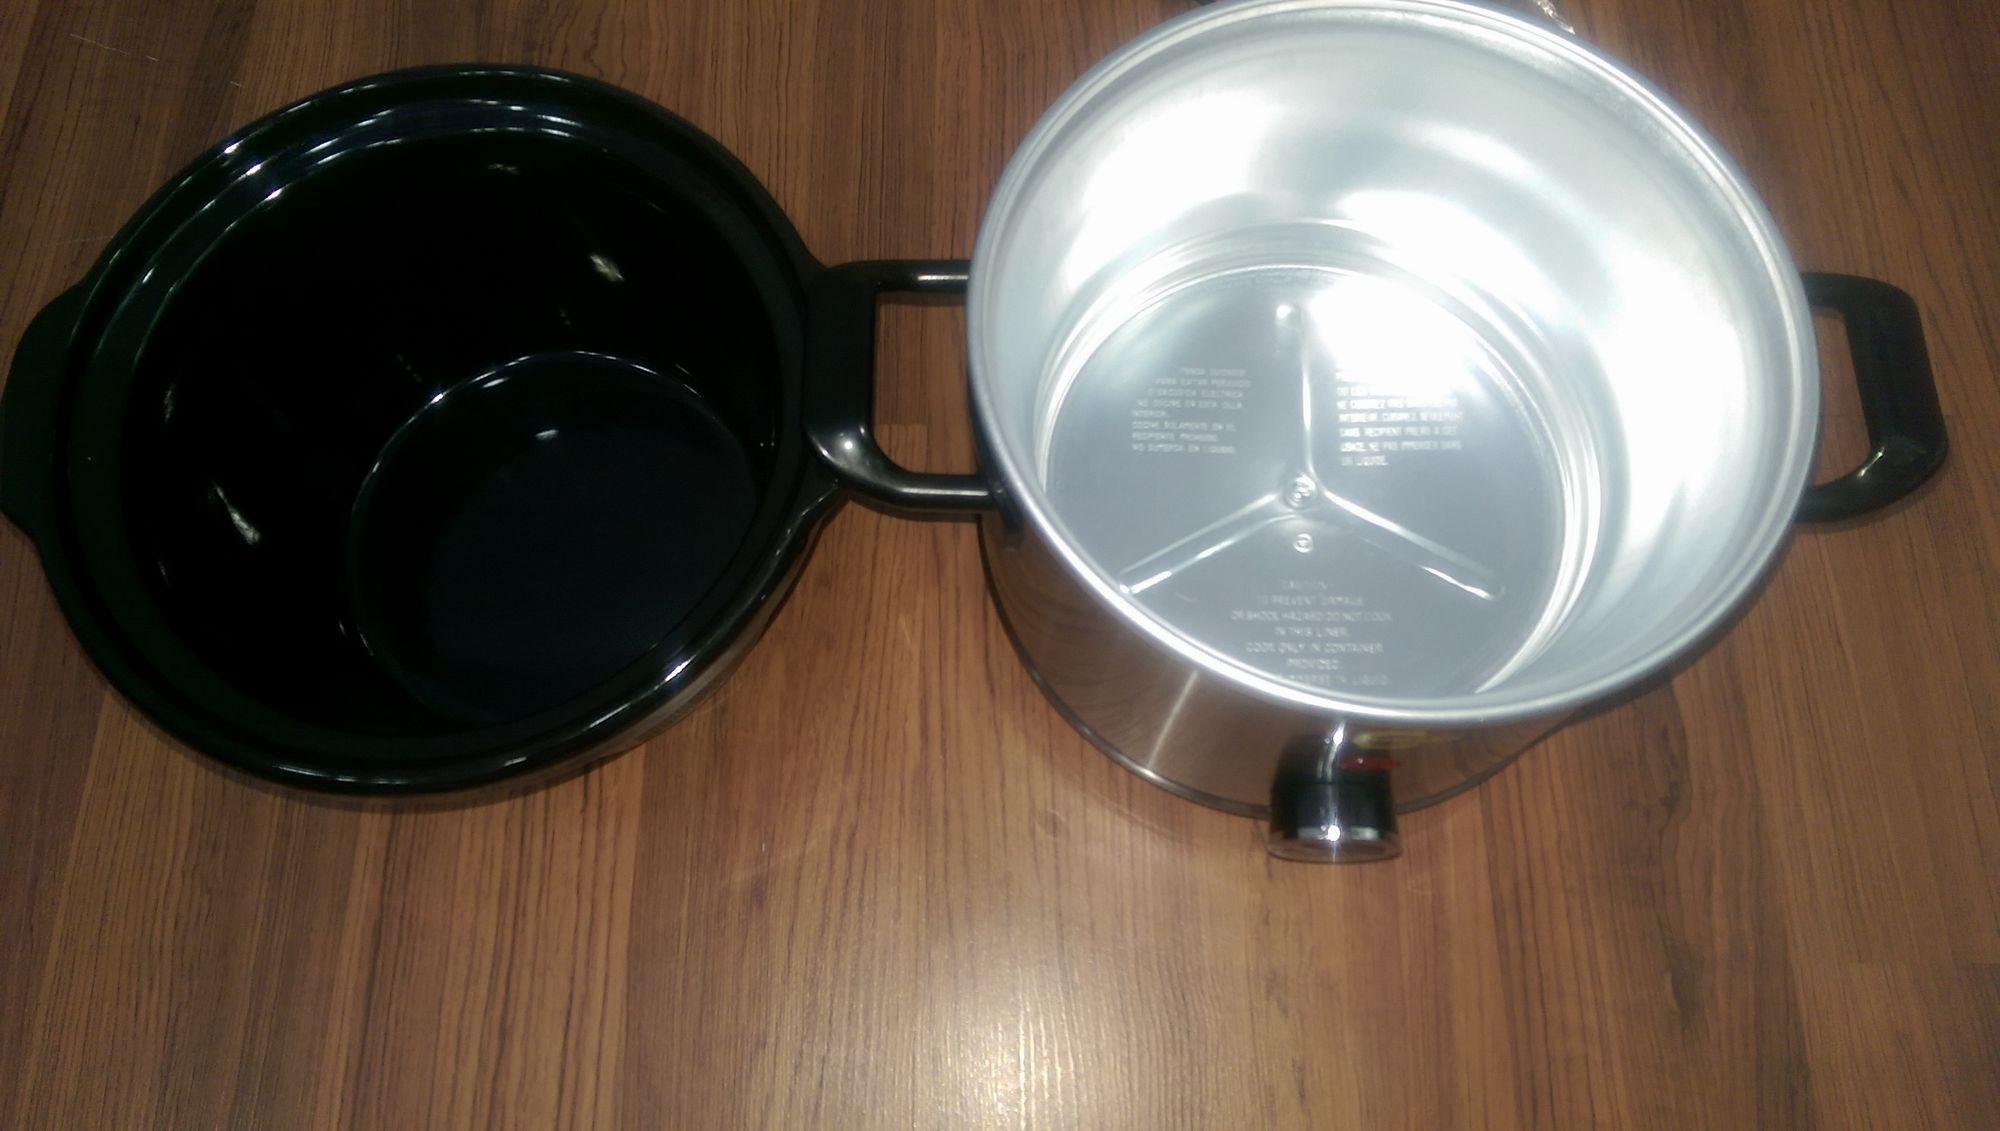 Một số ảnh thực tế về nồi nấu cháo đa năng Hàn Quốc BBCooker (2,5 lít)